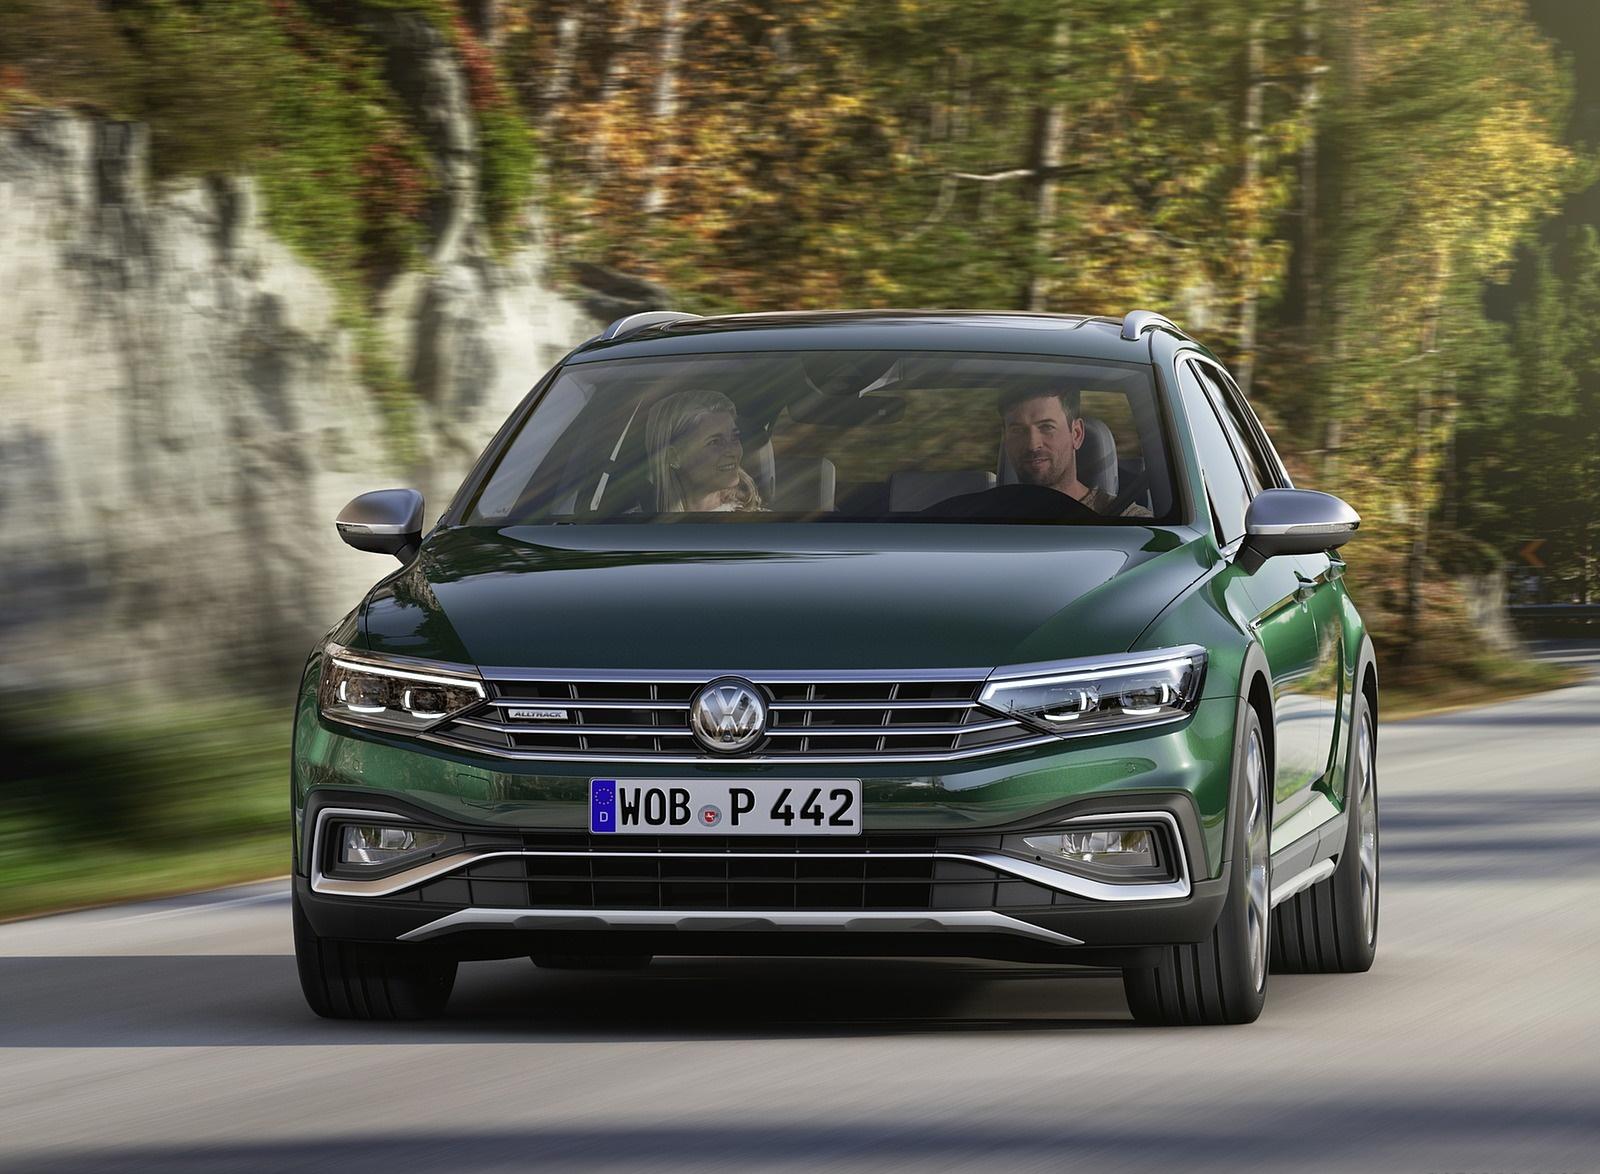 2020 Volkswagen Passat Alltrack (EU-Spec) Front Wallpapers (1)